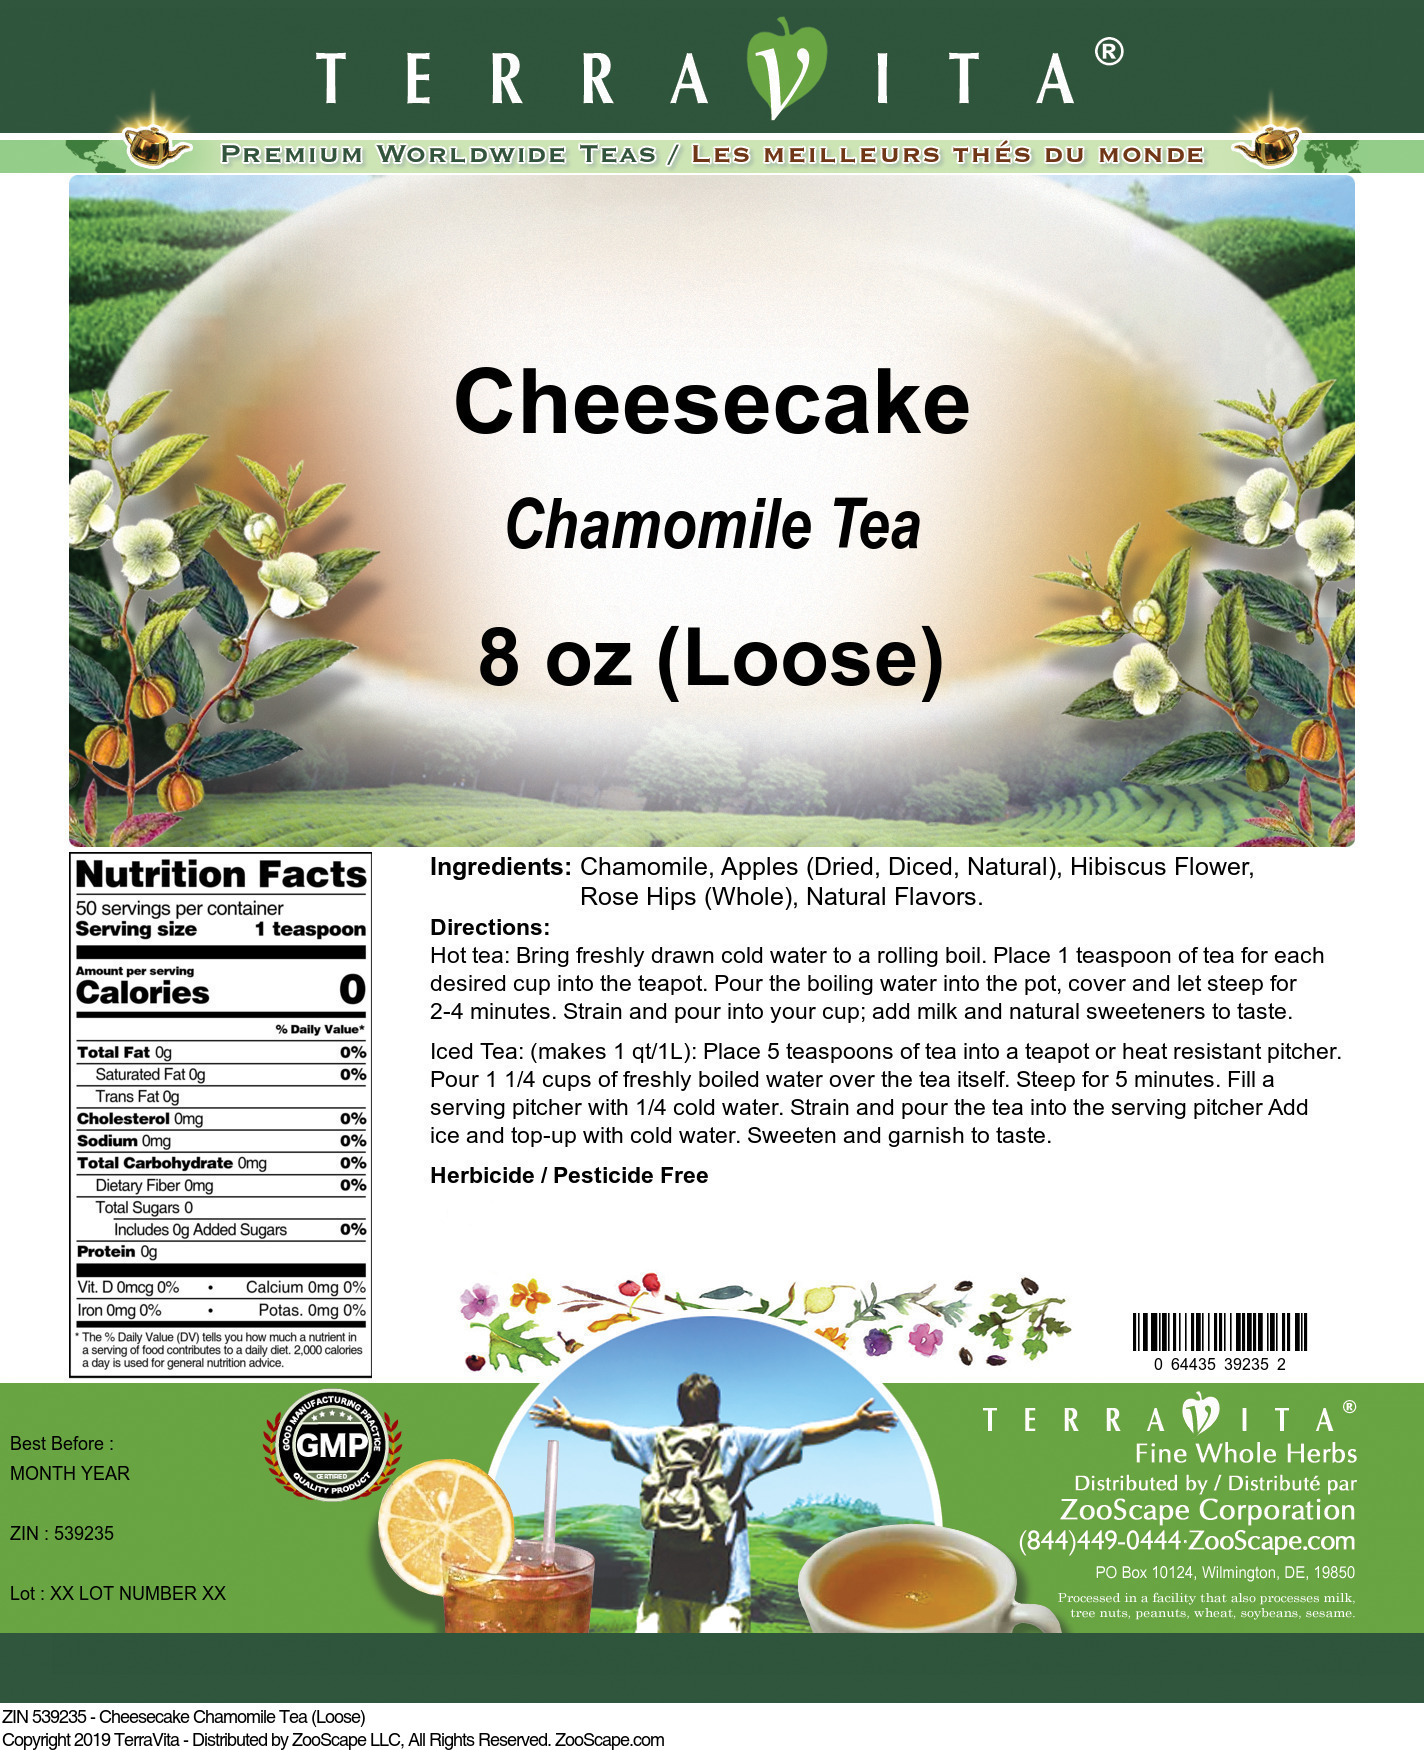 Cheesecake Chamomile Tea